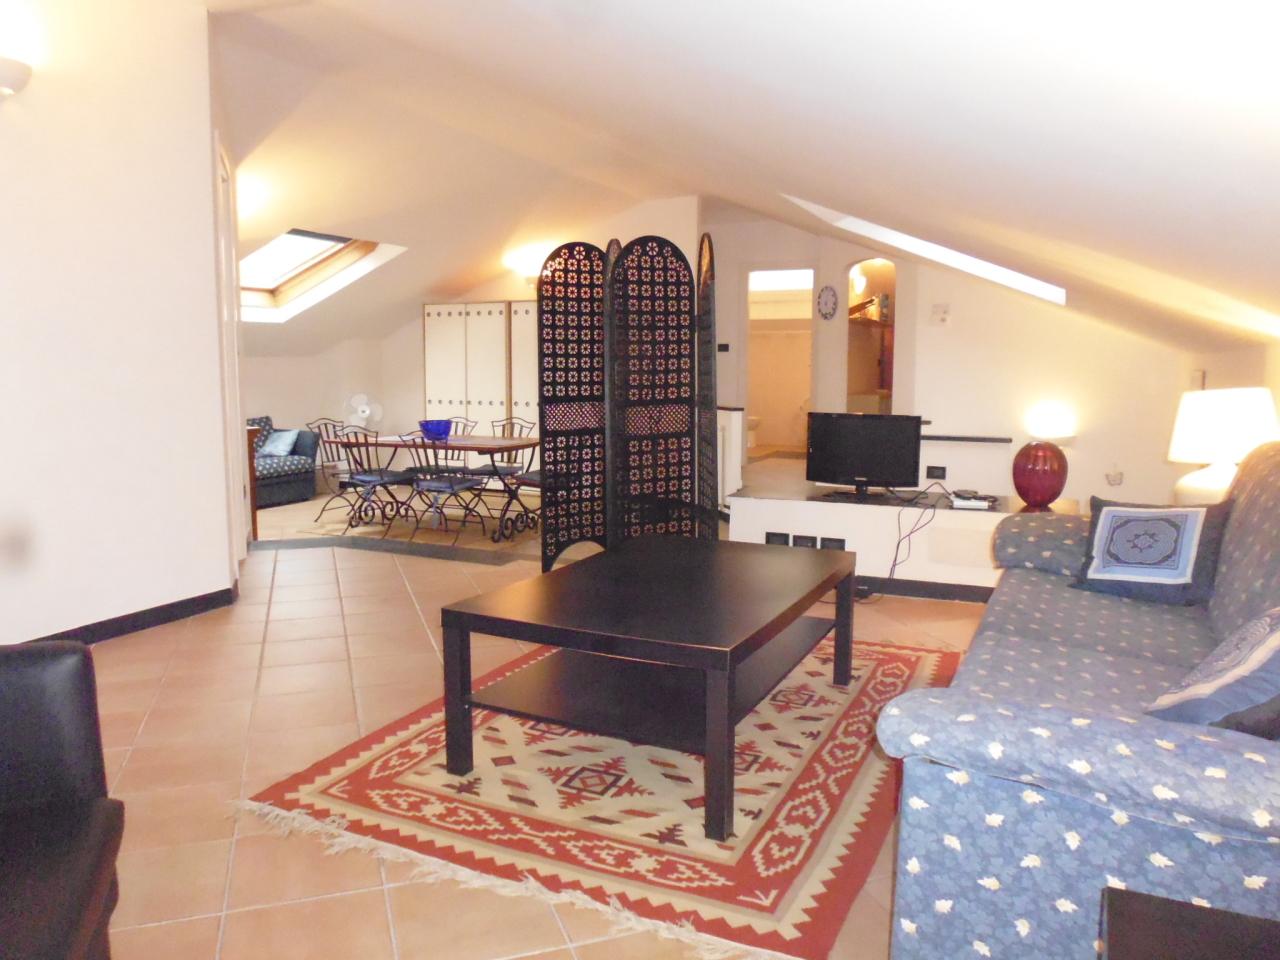 Attico / Mansarda in affitto a Sestri Levante, 5 locali, prezzo € 750 | CambioCasa.it